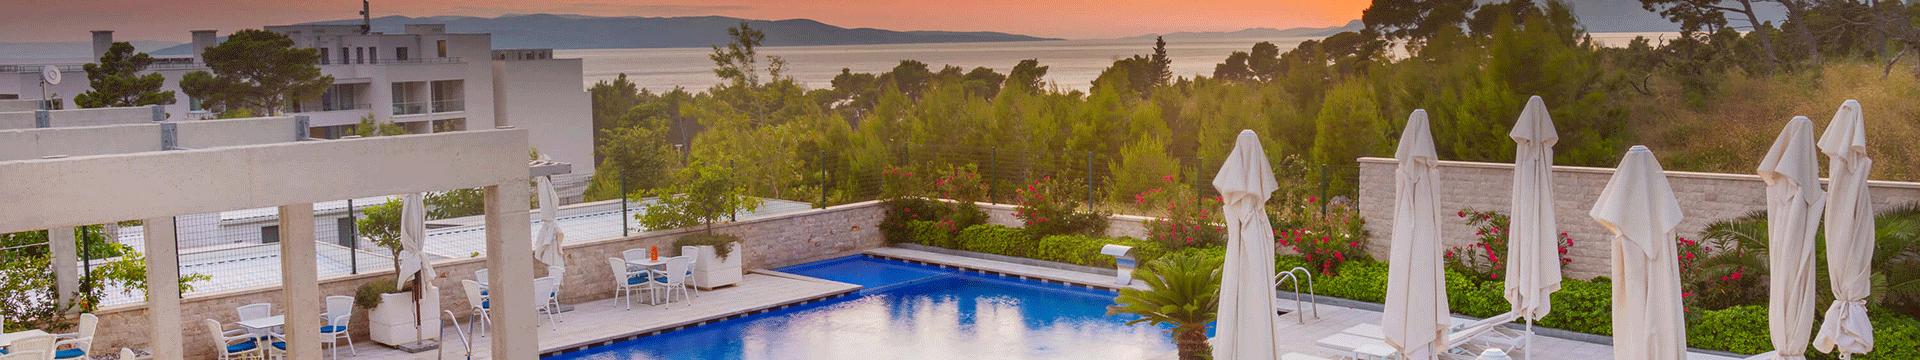 Upoznajte mini resort s 4* – Poseidon Mobile Home Resort, smješten nadomak mora u blizini Makarske!